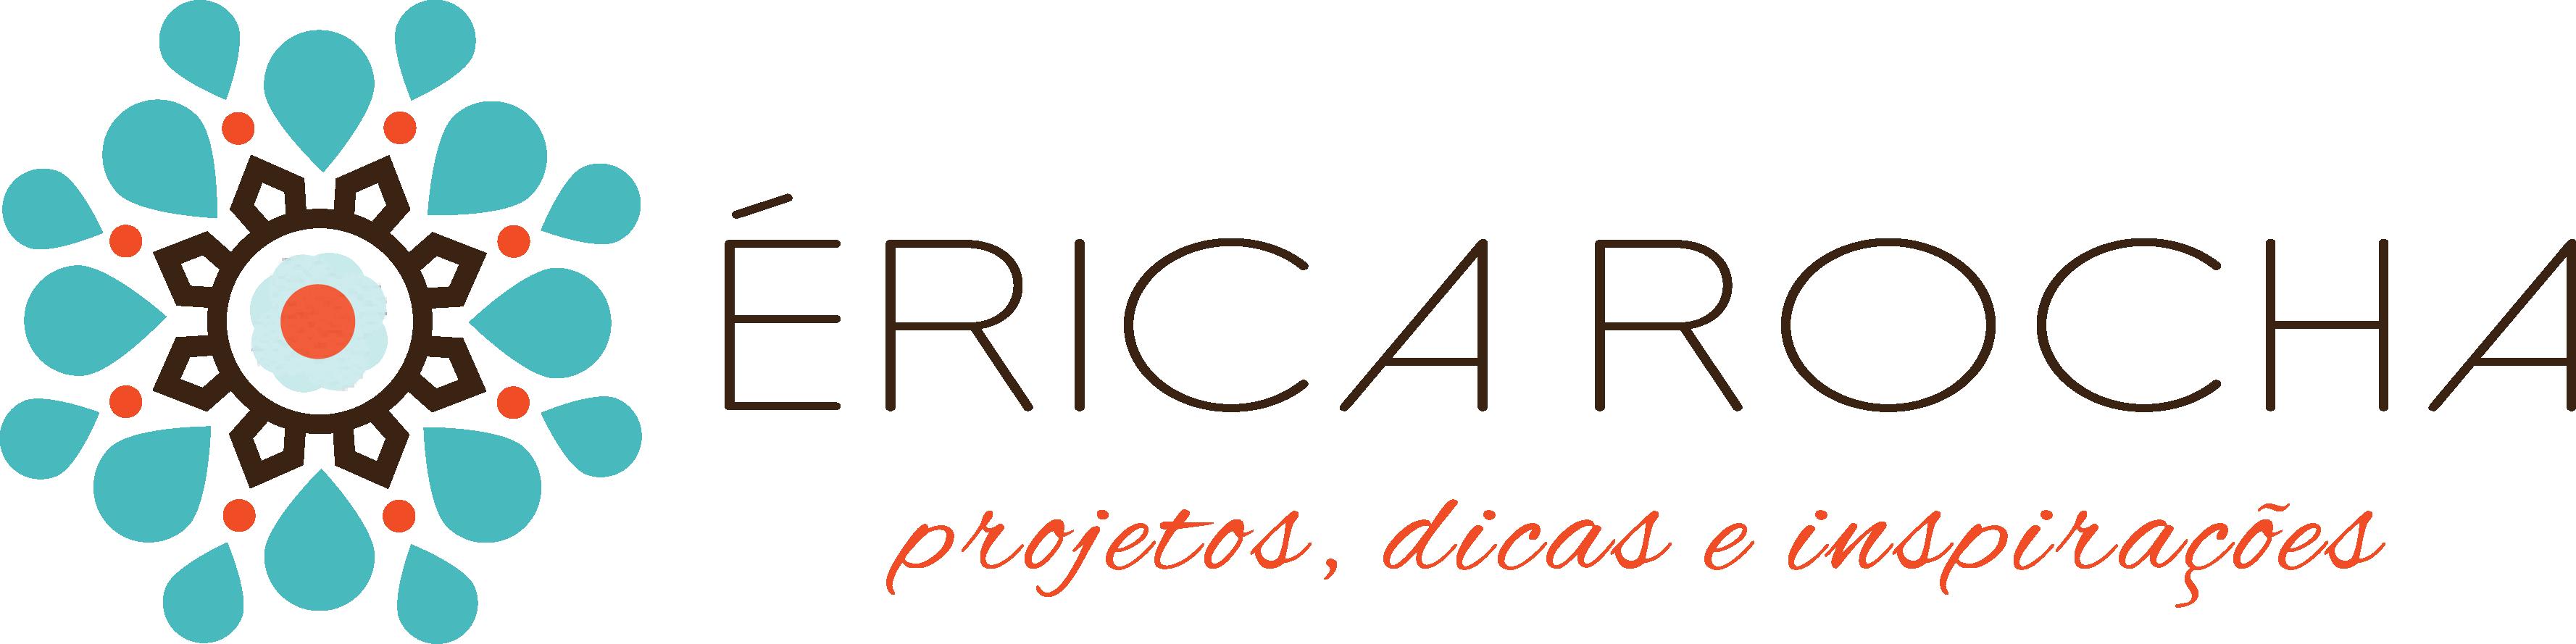 Érica Rocha Projetos, dicas e inspirações